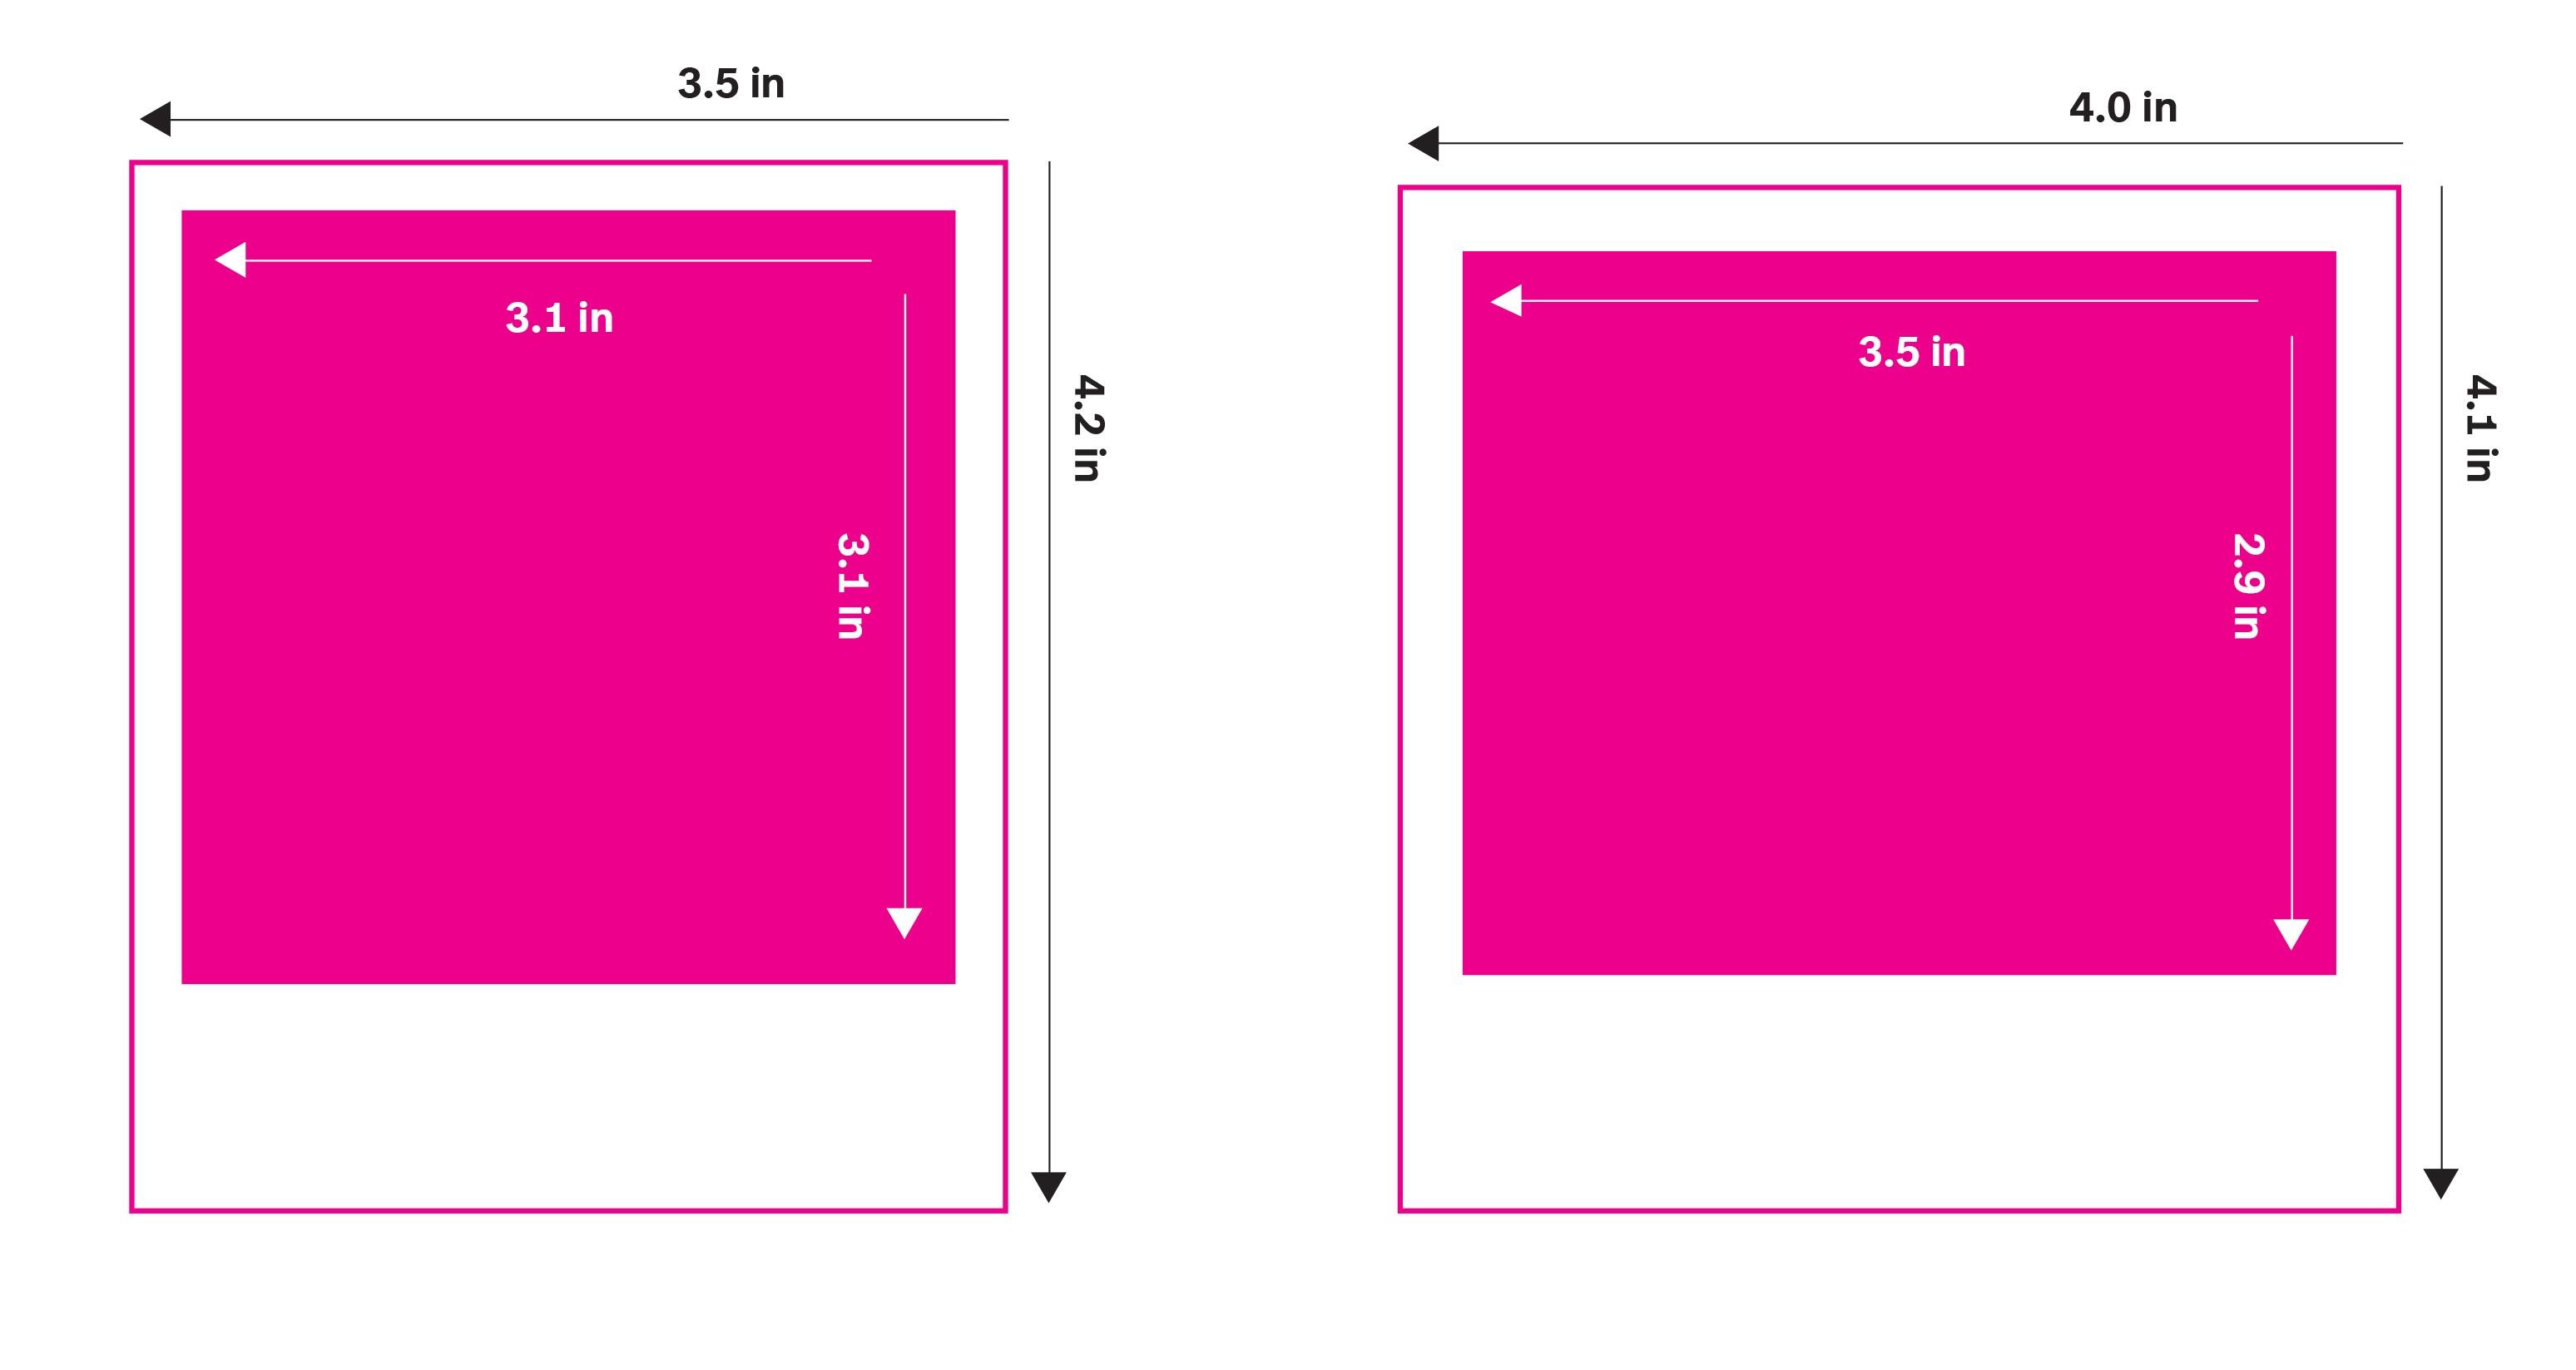 вариант квадратный формат изображения центра лысым